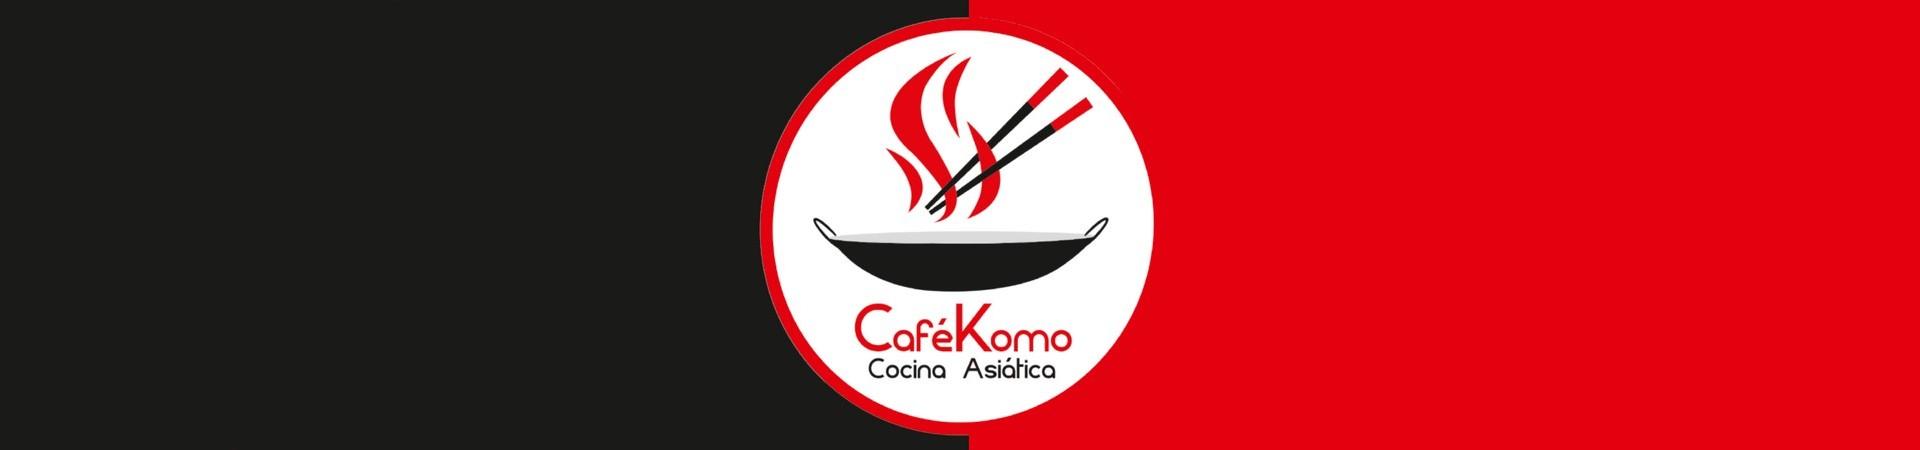 cafe komo en motril, restaurantes chinos en motril, restaurante chino en motril, chinos en motril